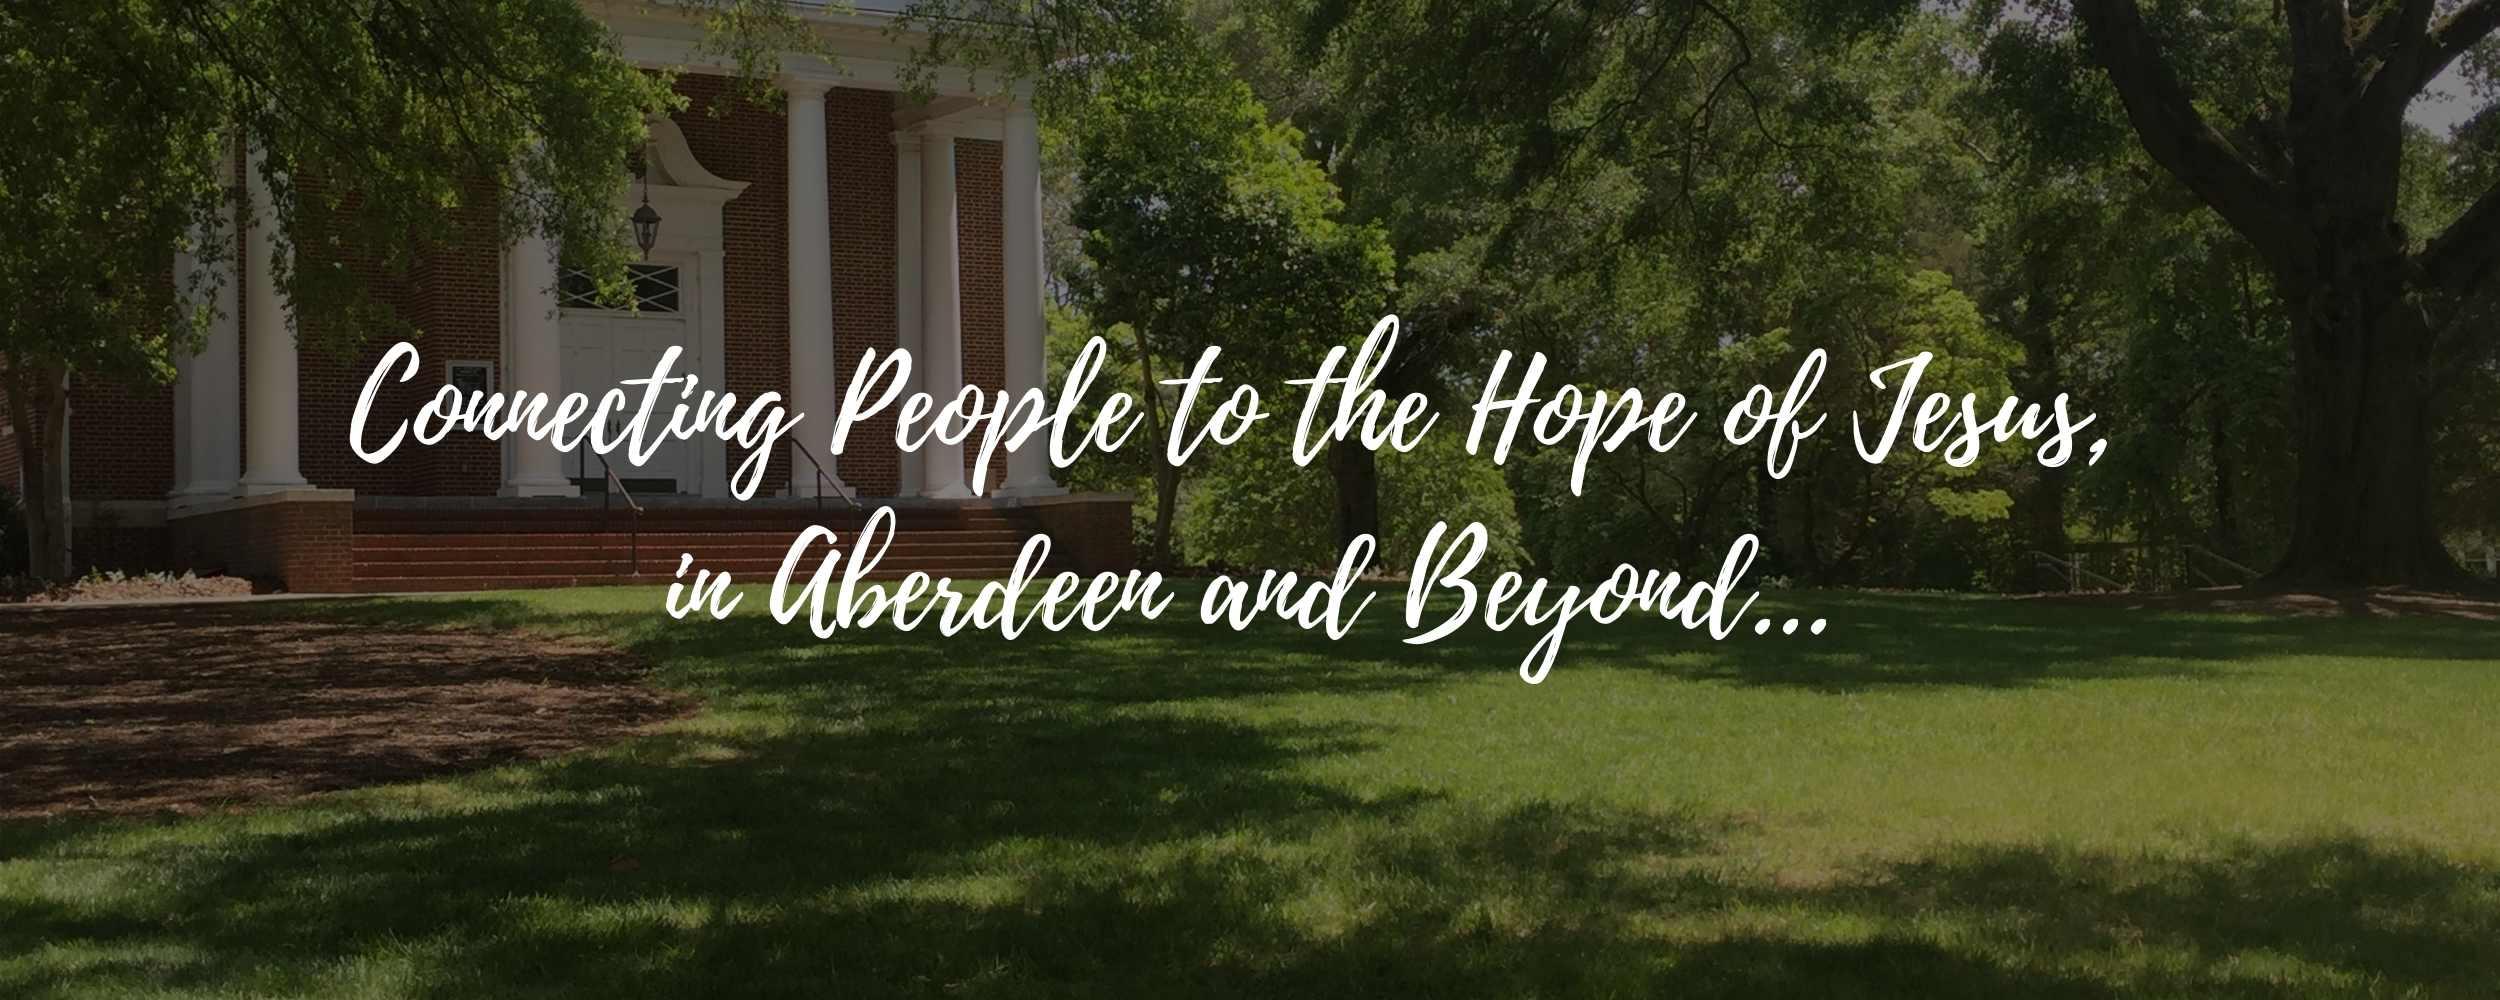 Aberdeen First Baptist Church, Moore County, NC